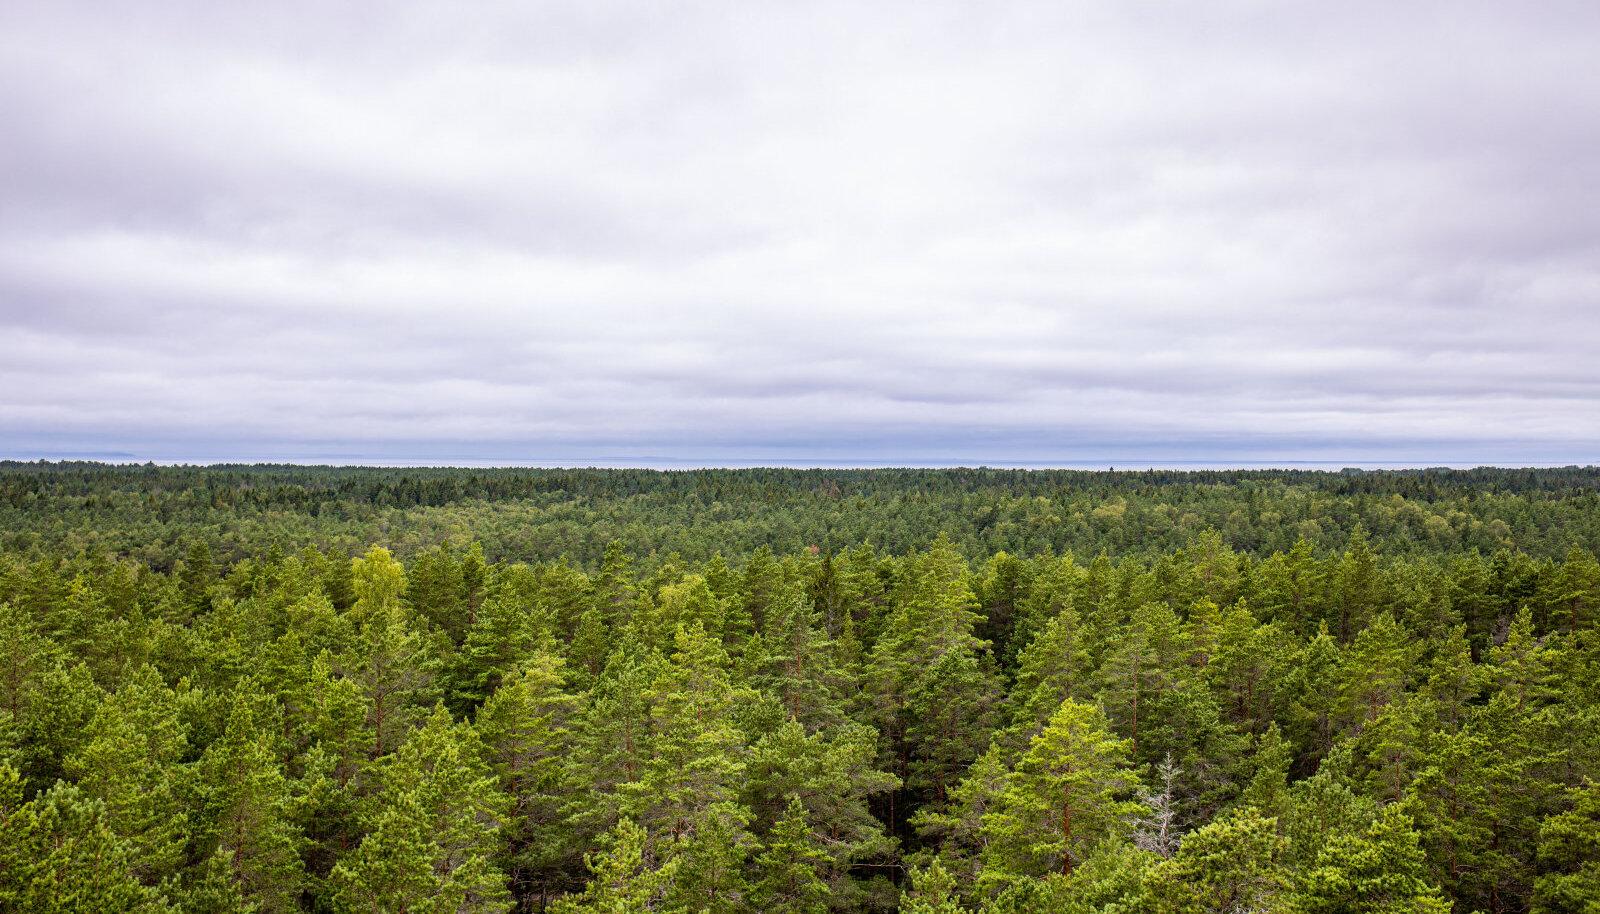 Absurd: omanik jäi ilma nii metsast kui rahast ning pidi oma metsast küttepuude saamiseks metsafirmale lausa 14 eurot tihumeetri eest peale maksma.